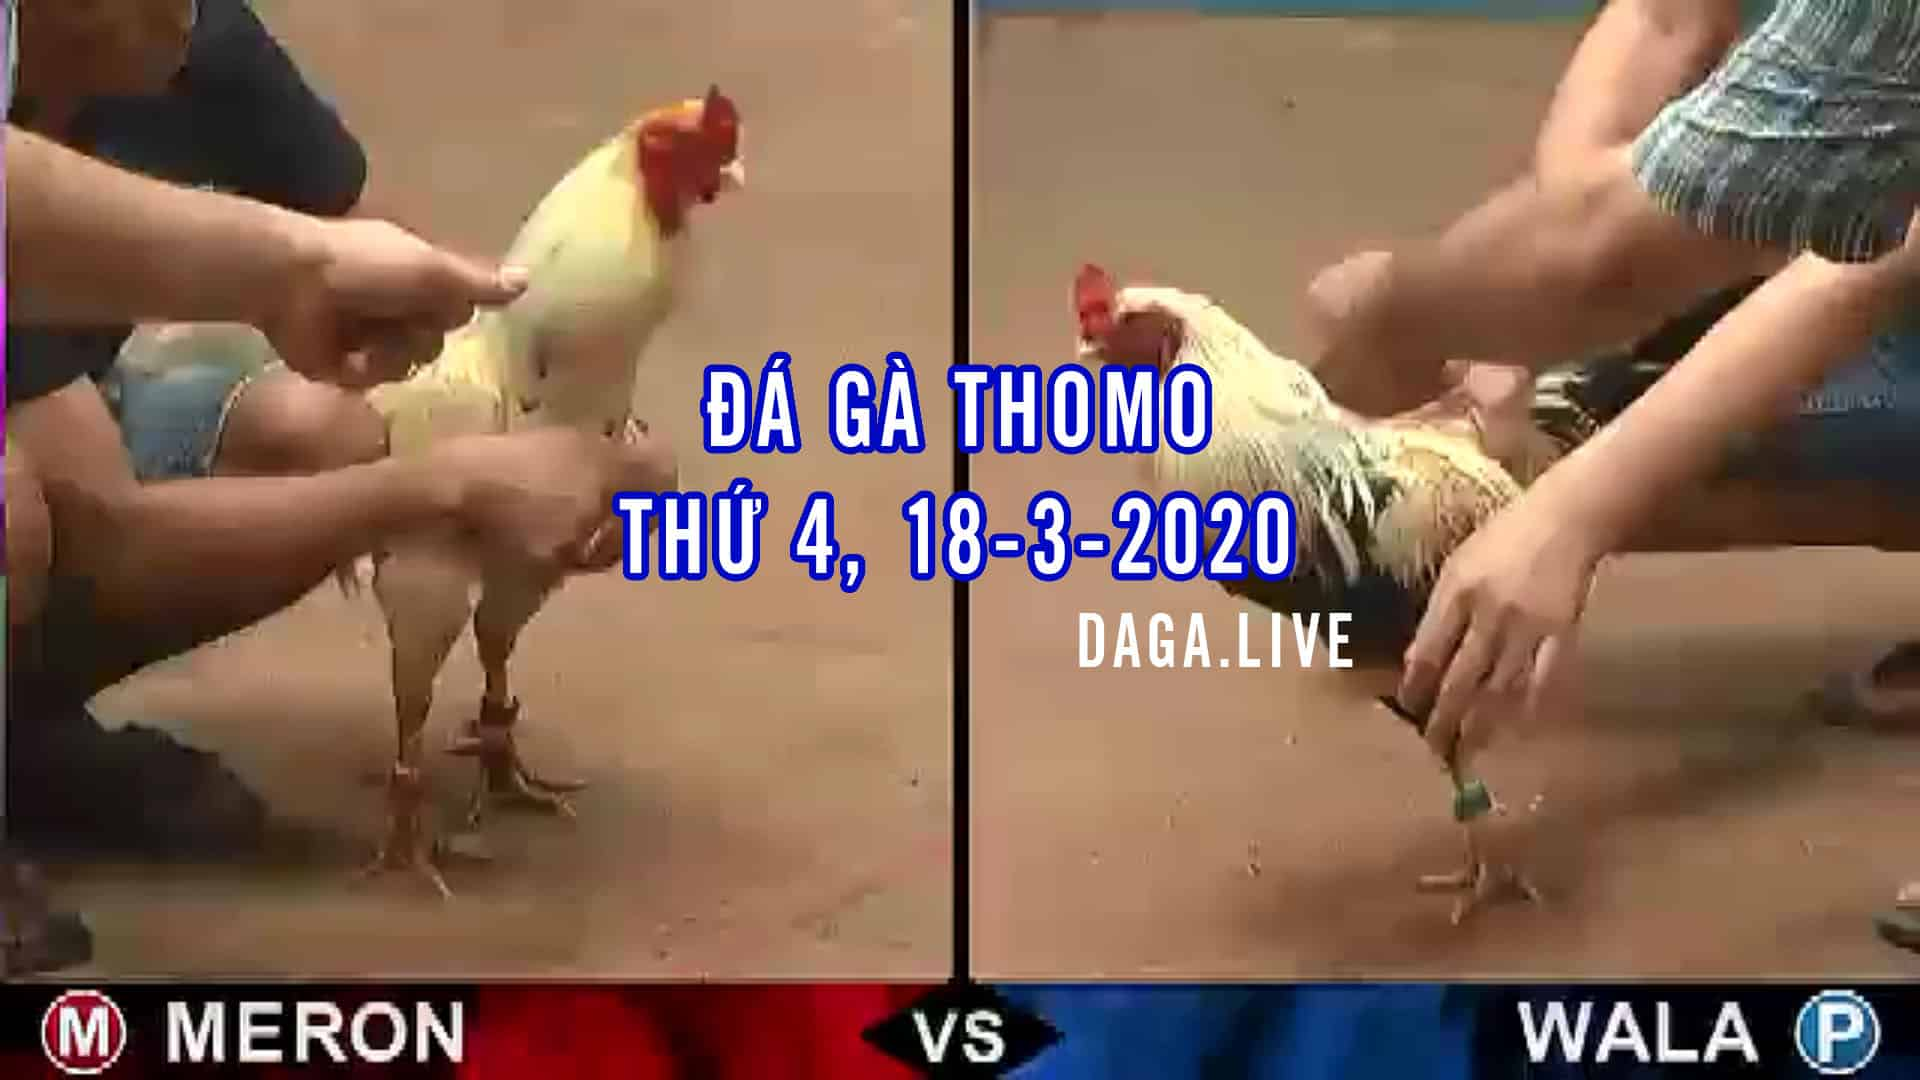 Đá gà thomo thứ 4 ngày 18 tháng 3 năm 2020 - DAGA.LIVE